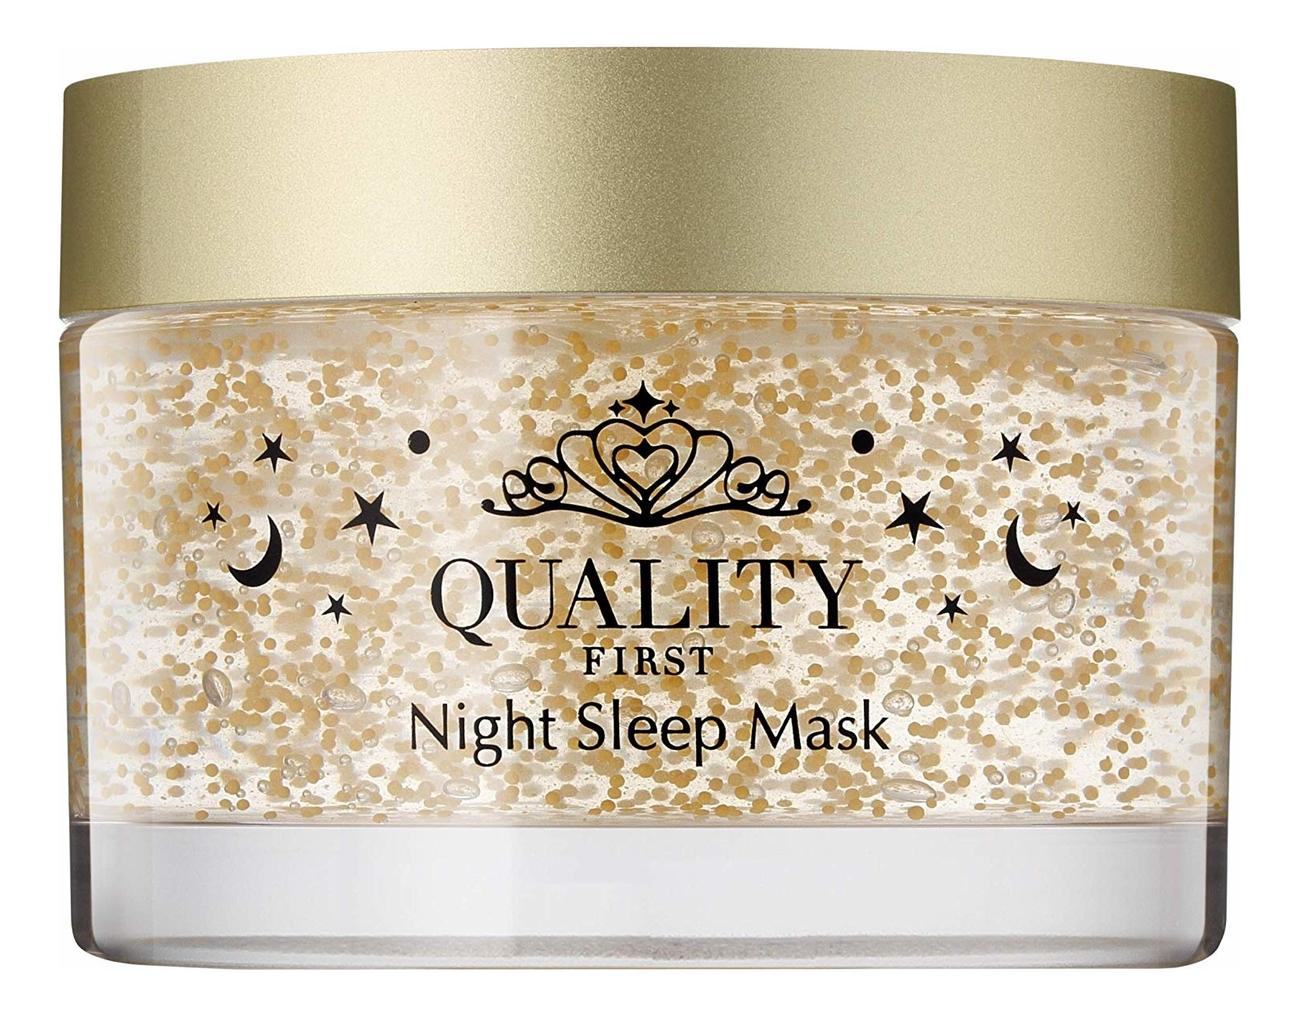 Премиальная ночная маска для лица Premium Mask Night Sleep Mask 80г артмиска миска для животных artmiska щенок и миска двойная на подставке черная 2 шт x 350 мл